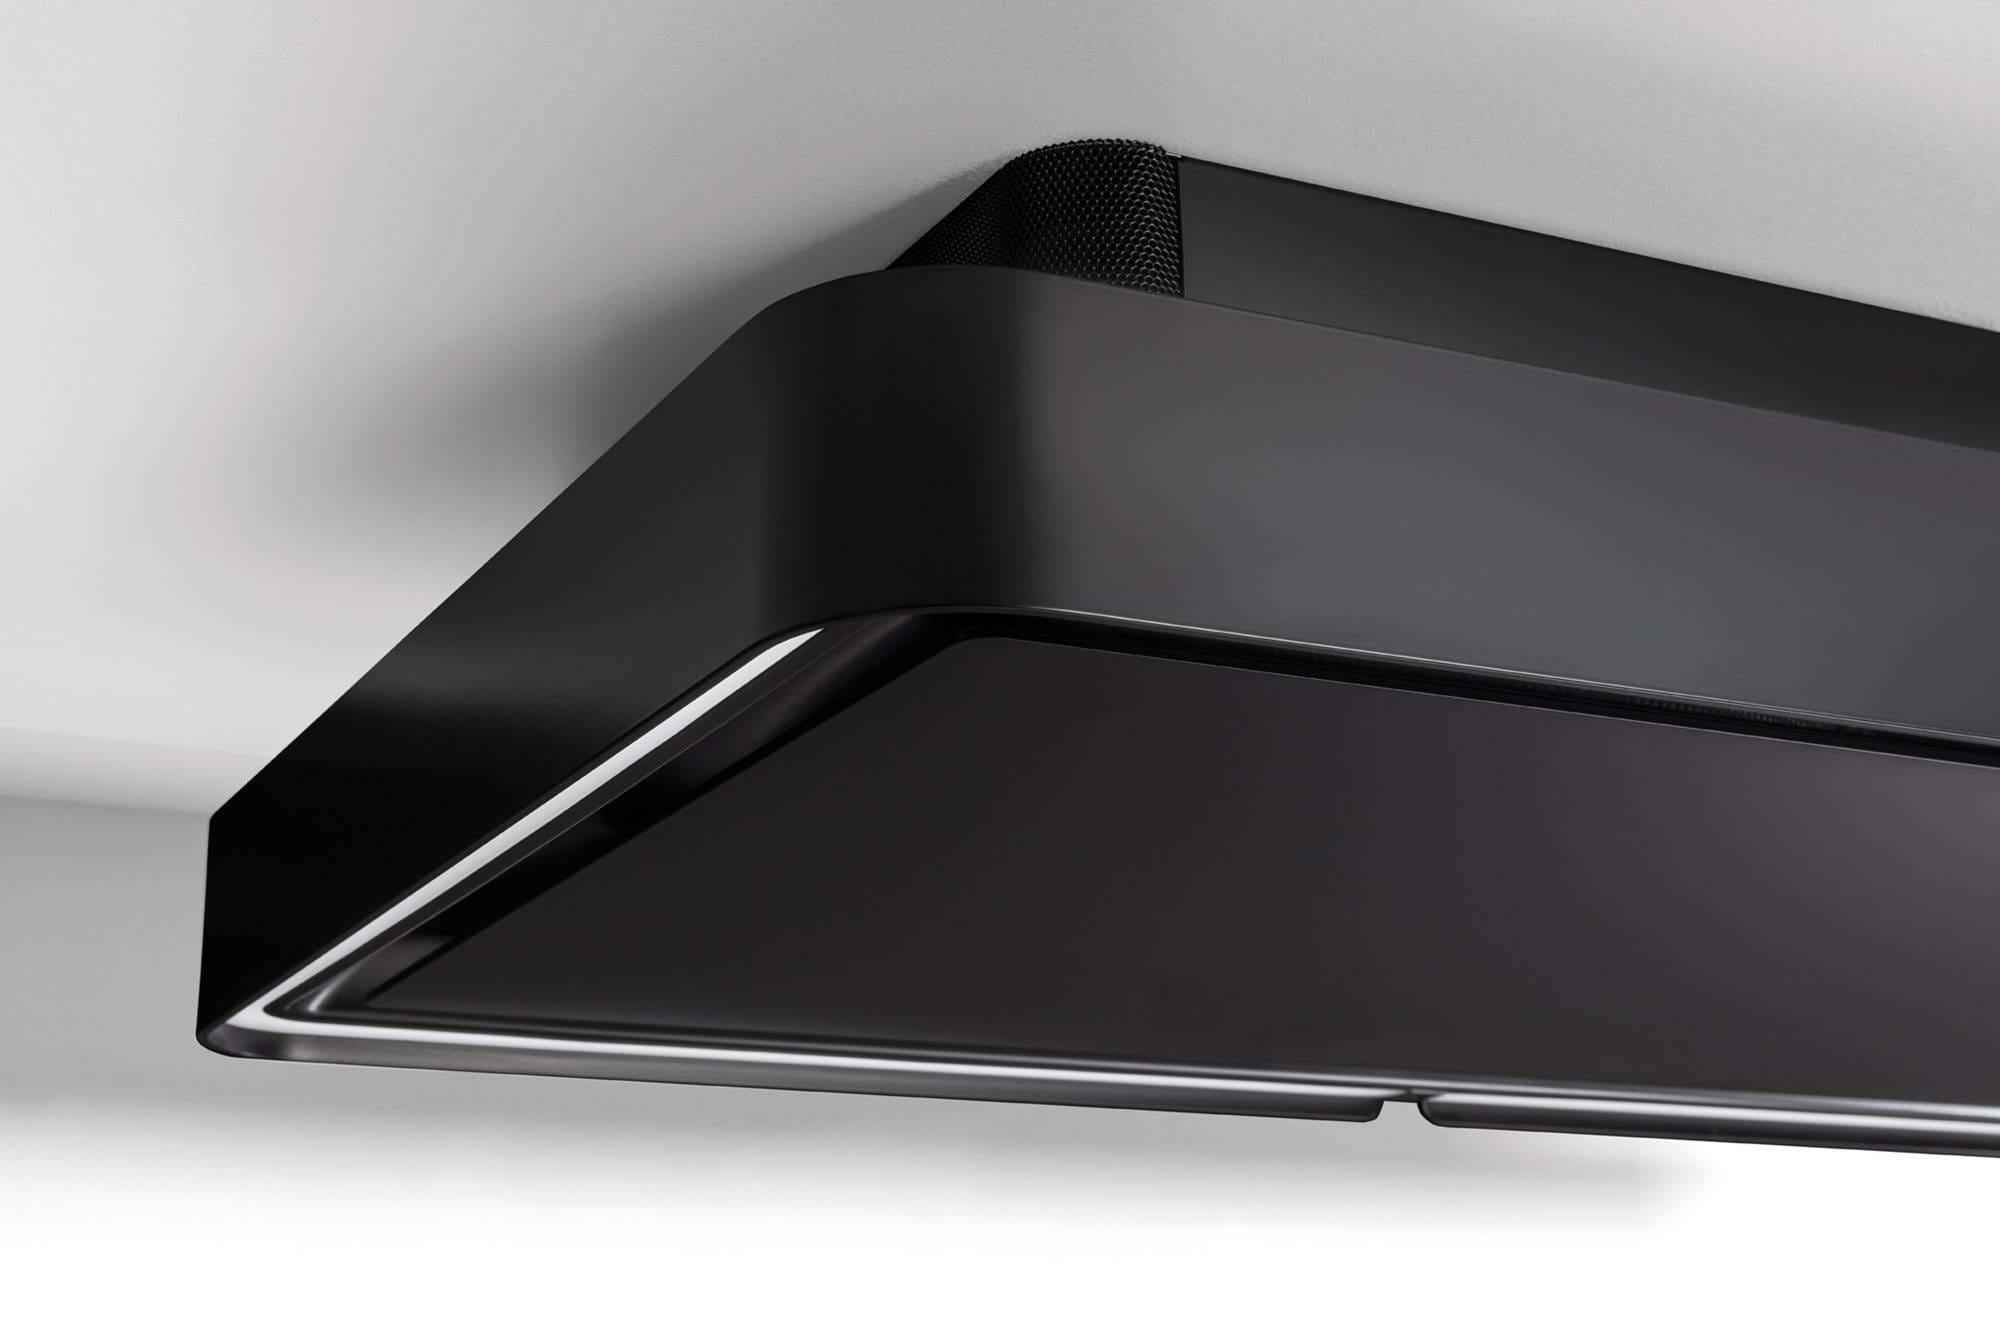 hotte novy pianos-et-fourneaux.com hottes plafond